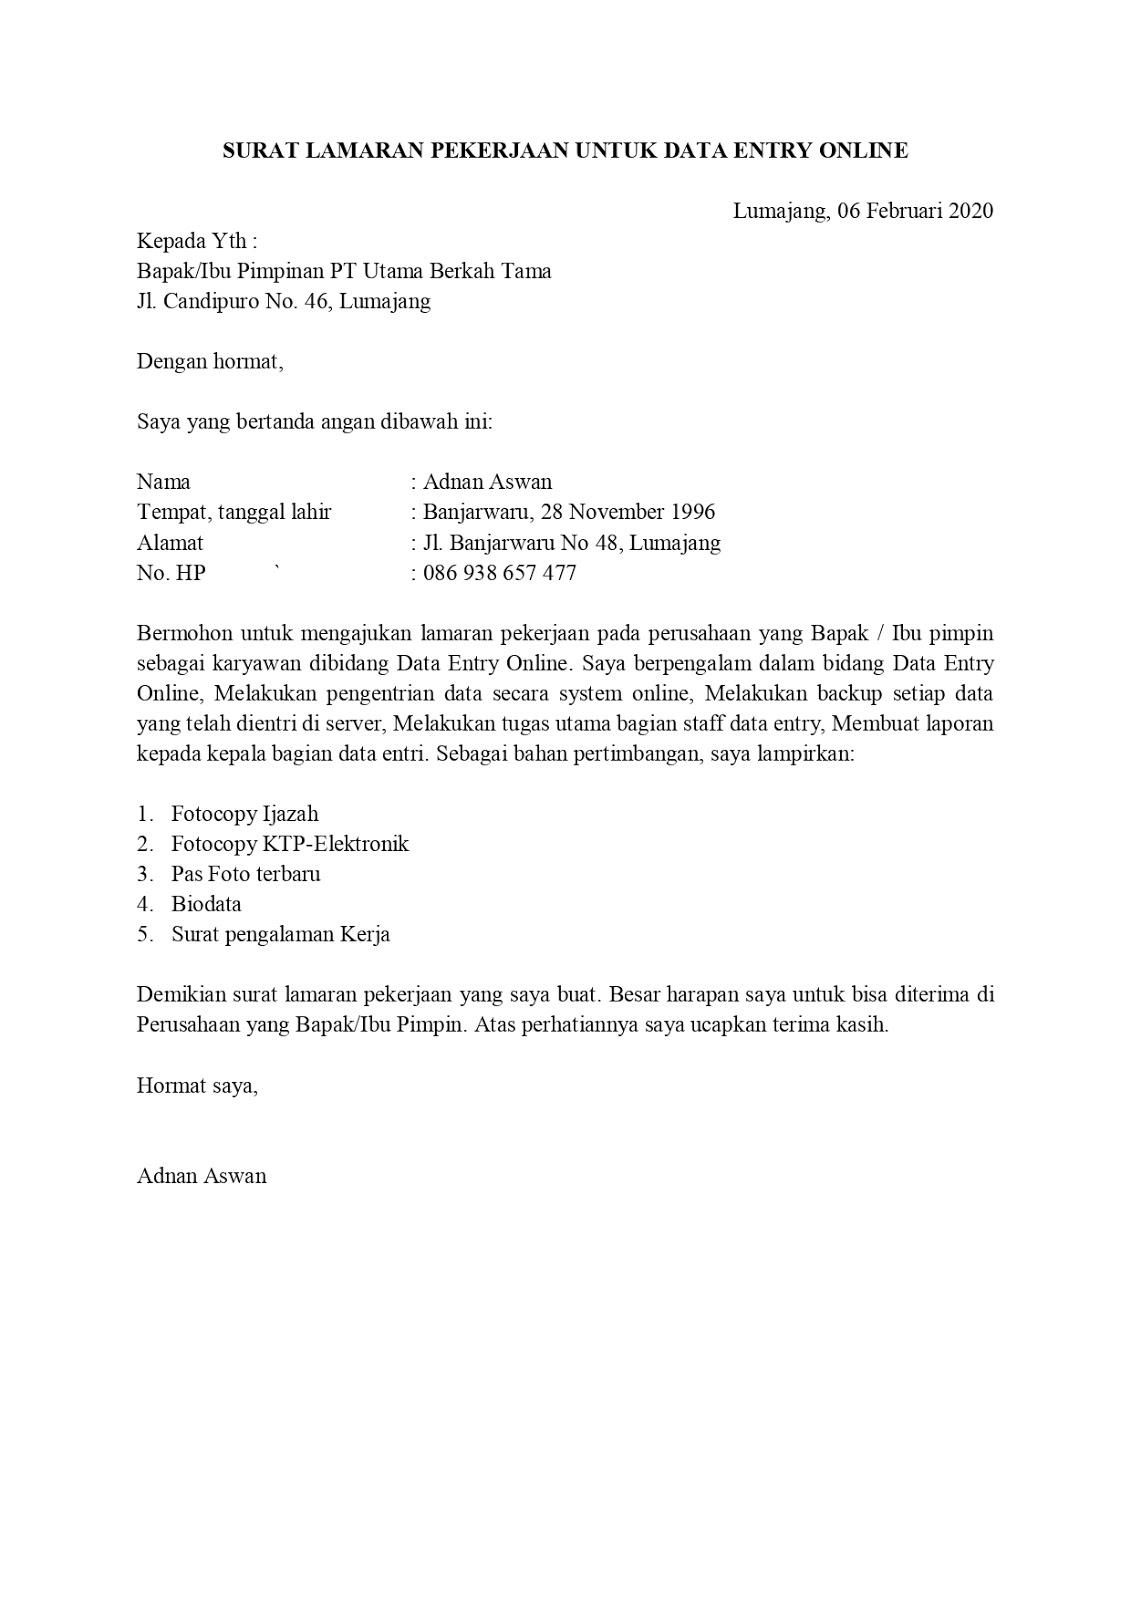 Contoh Surat Lamaran Pekerjaan Untuk Administrasi Dan Perkantoran Tanpakoma